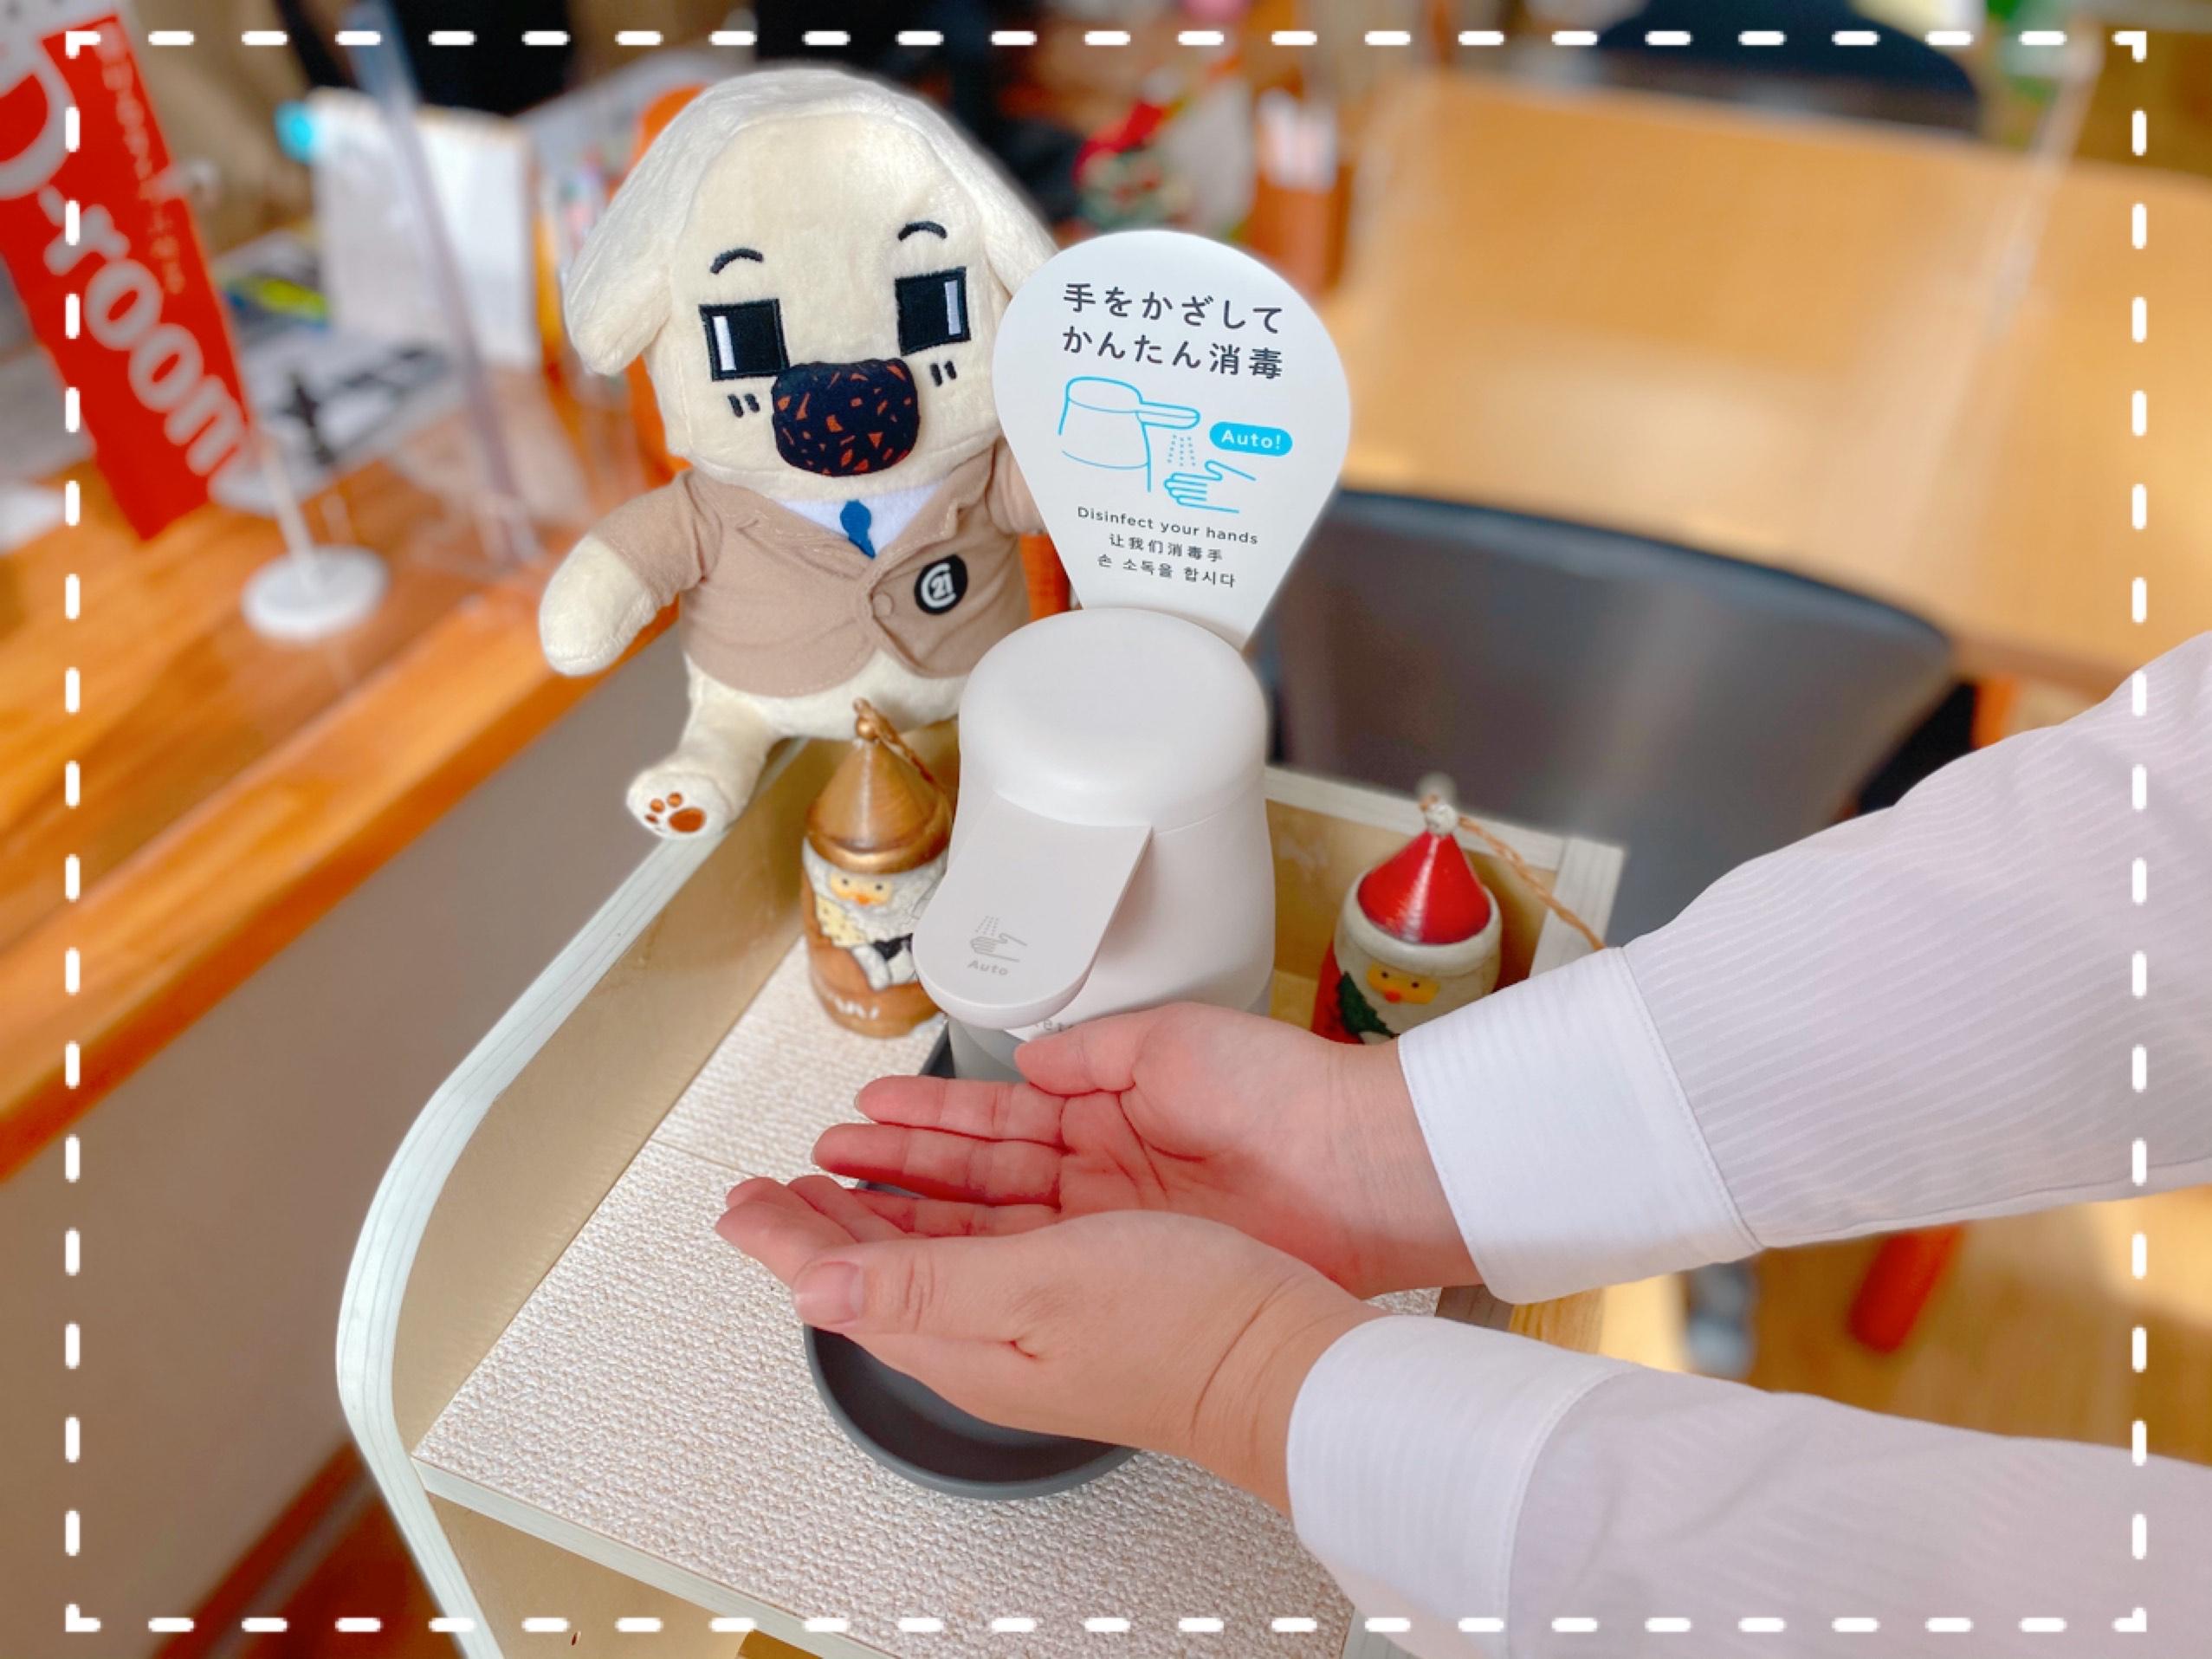 自動手指消毒器「tette」を導入しました!